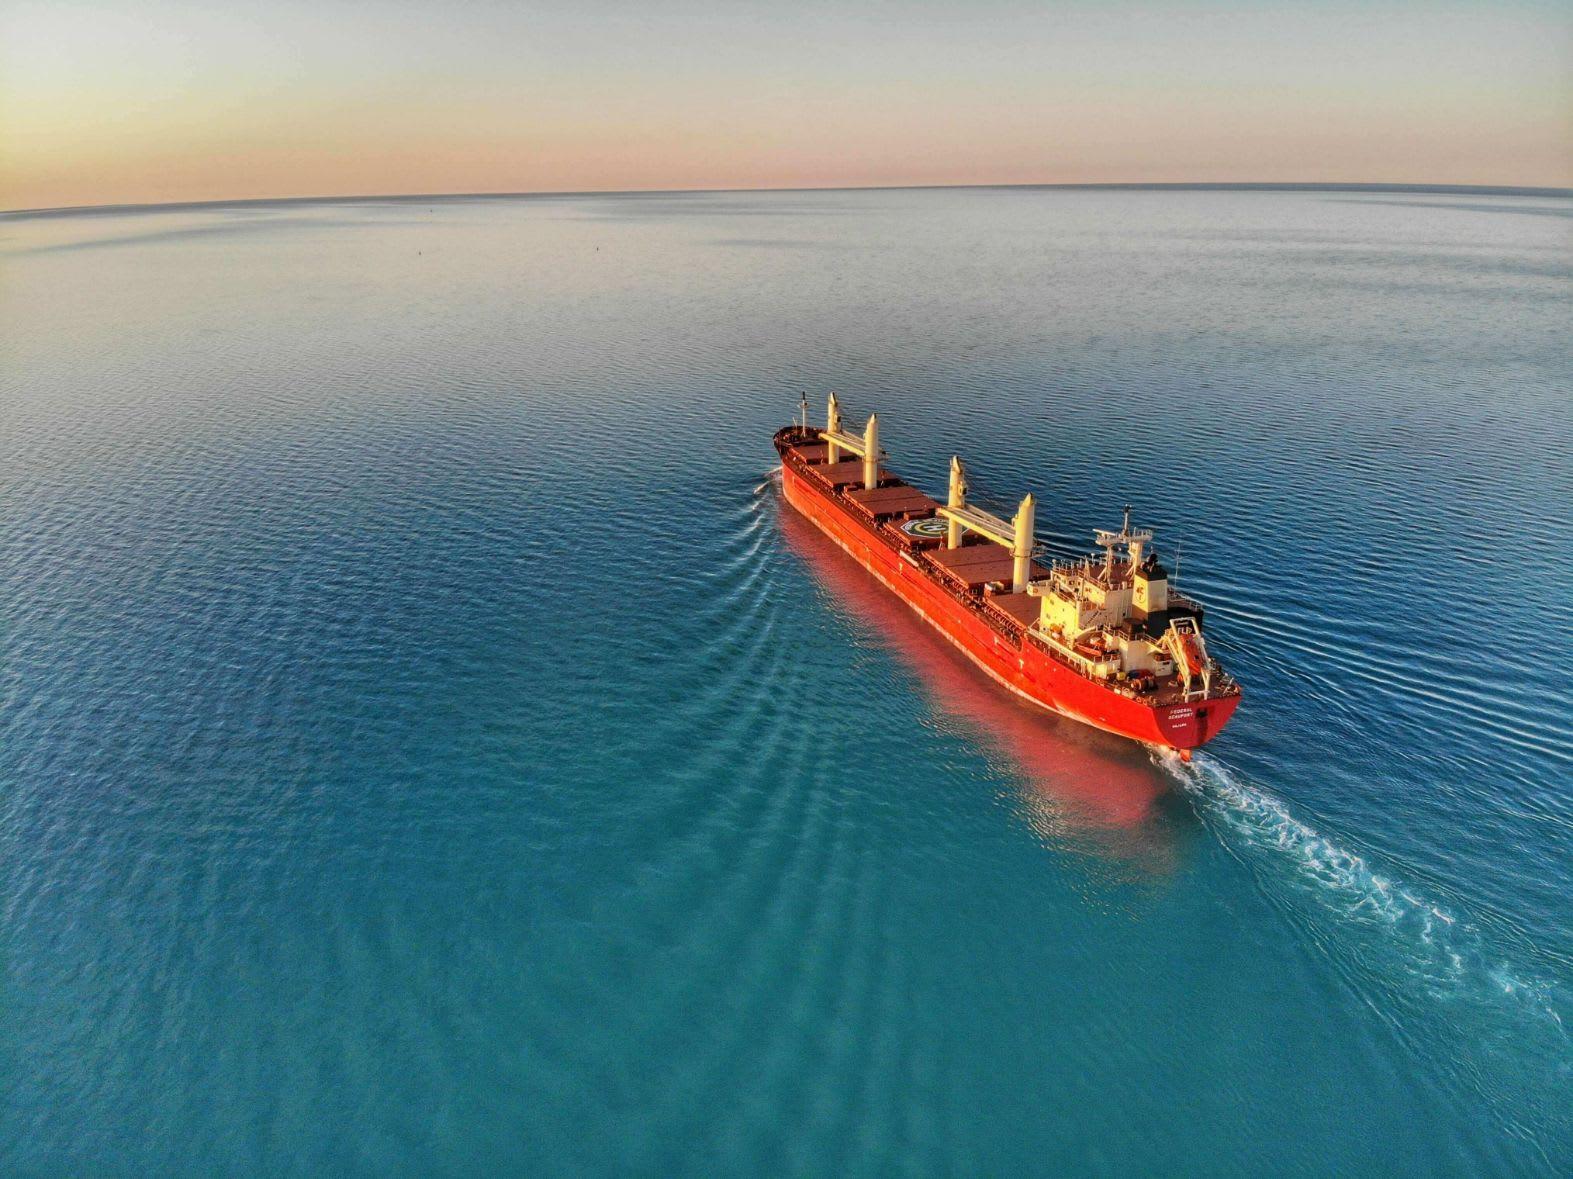 An image of a cargo ship